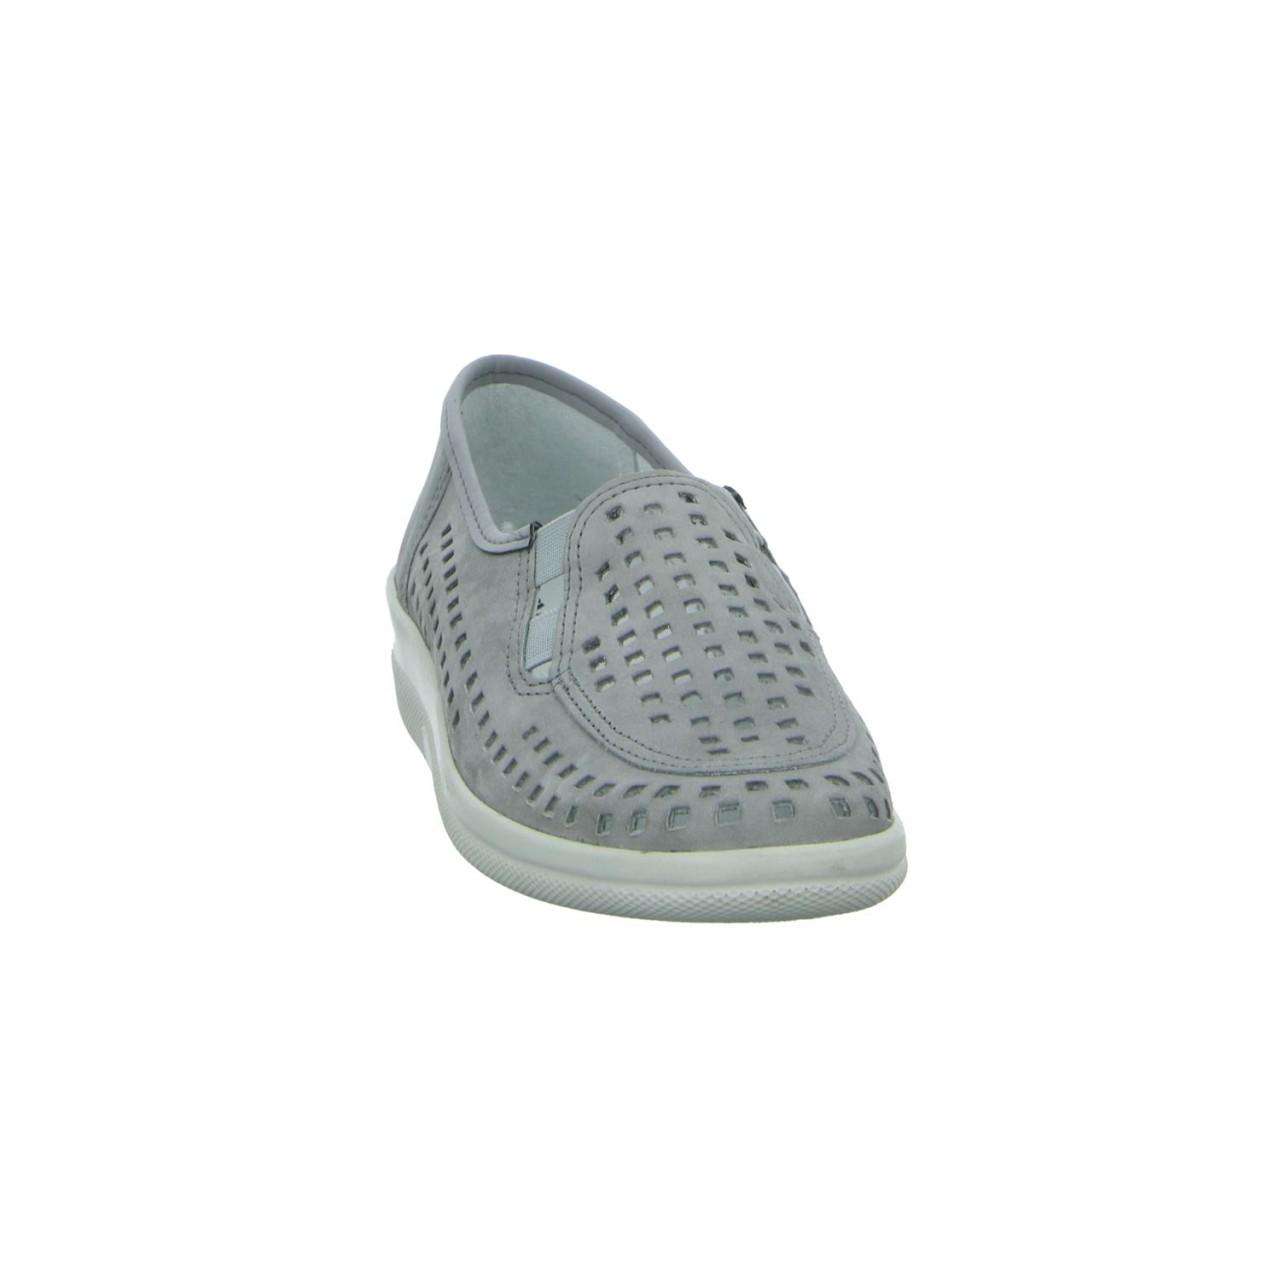 Komfort Longo Komfort Slipper Slipper grau grau Longo grau grau OwPq7g1n